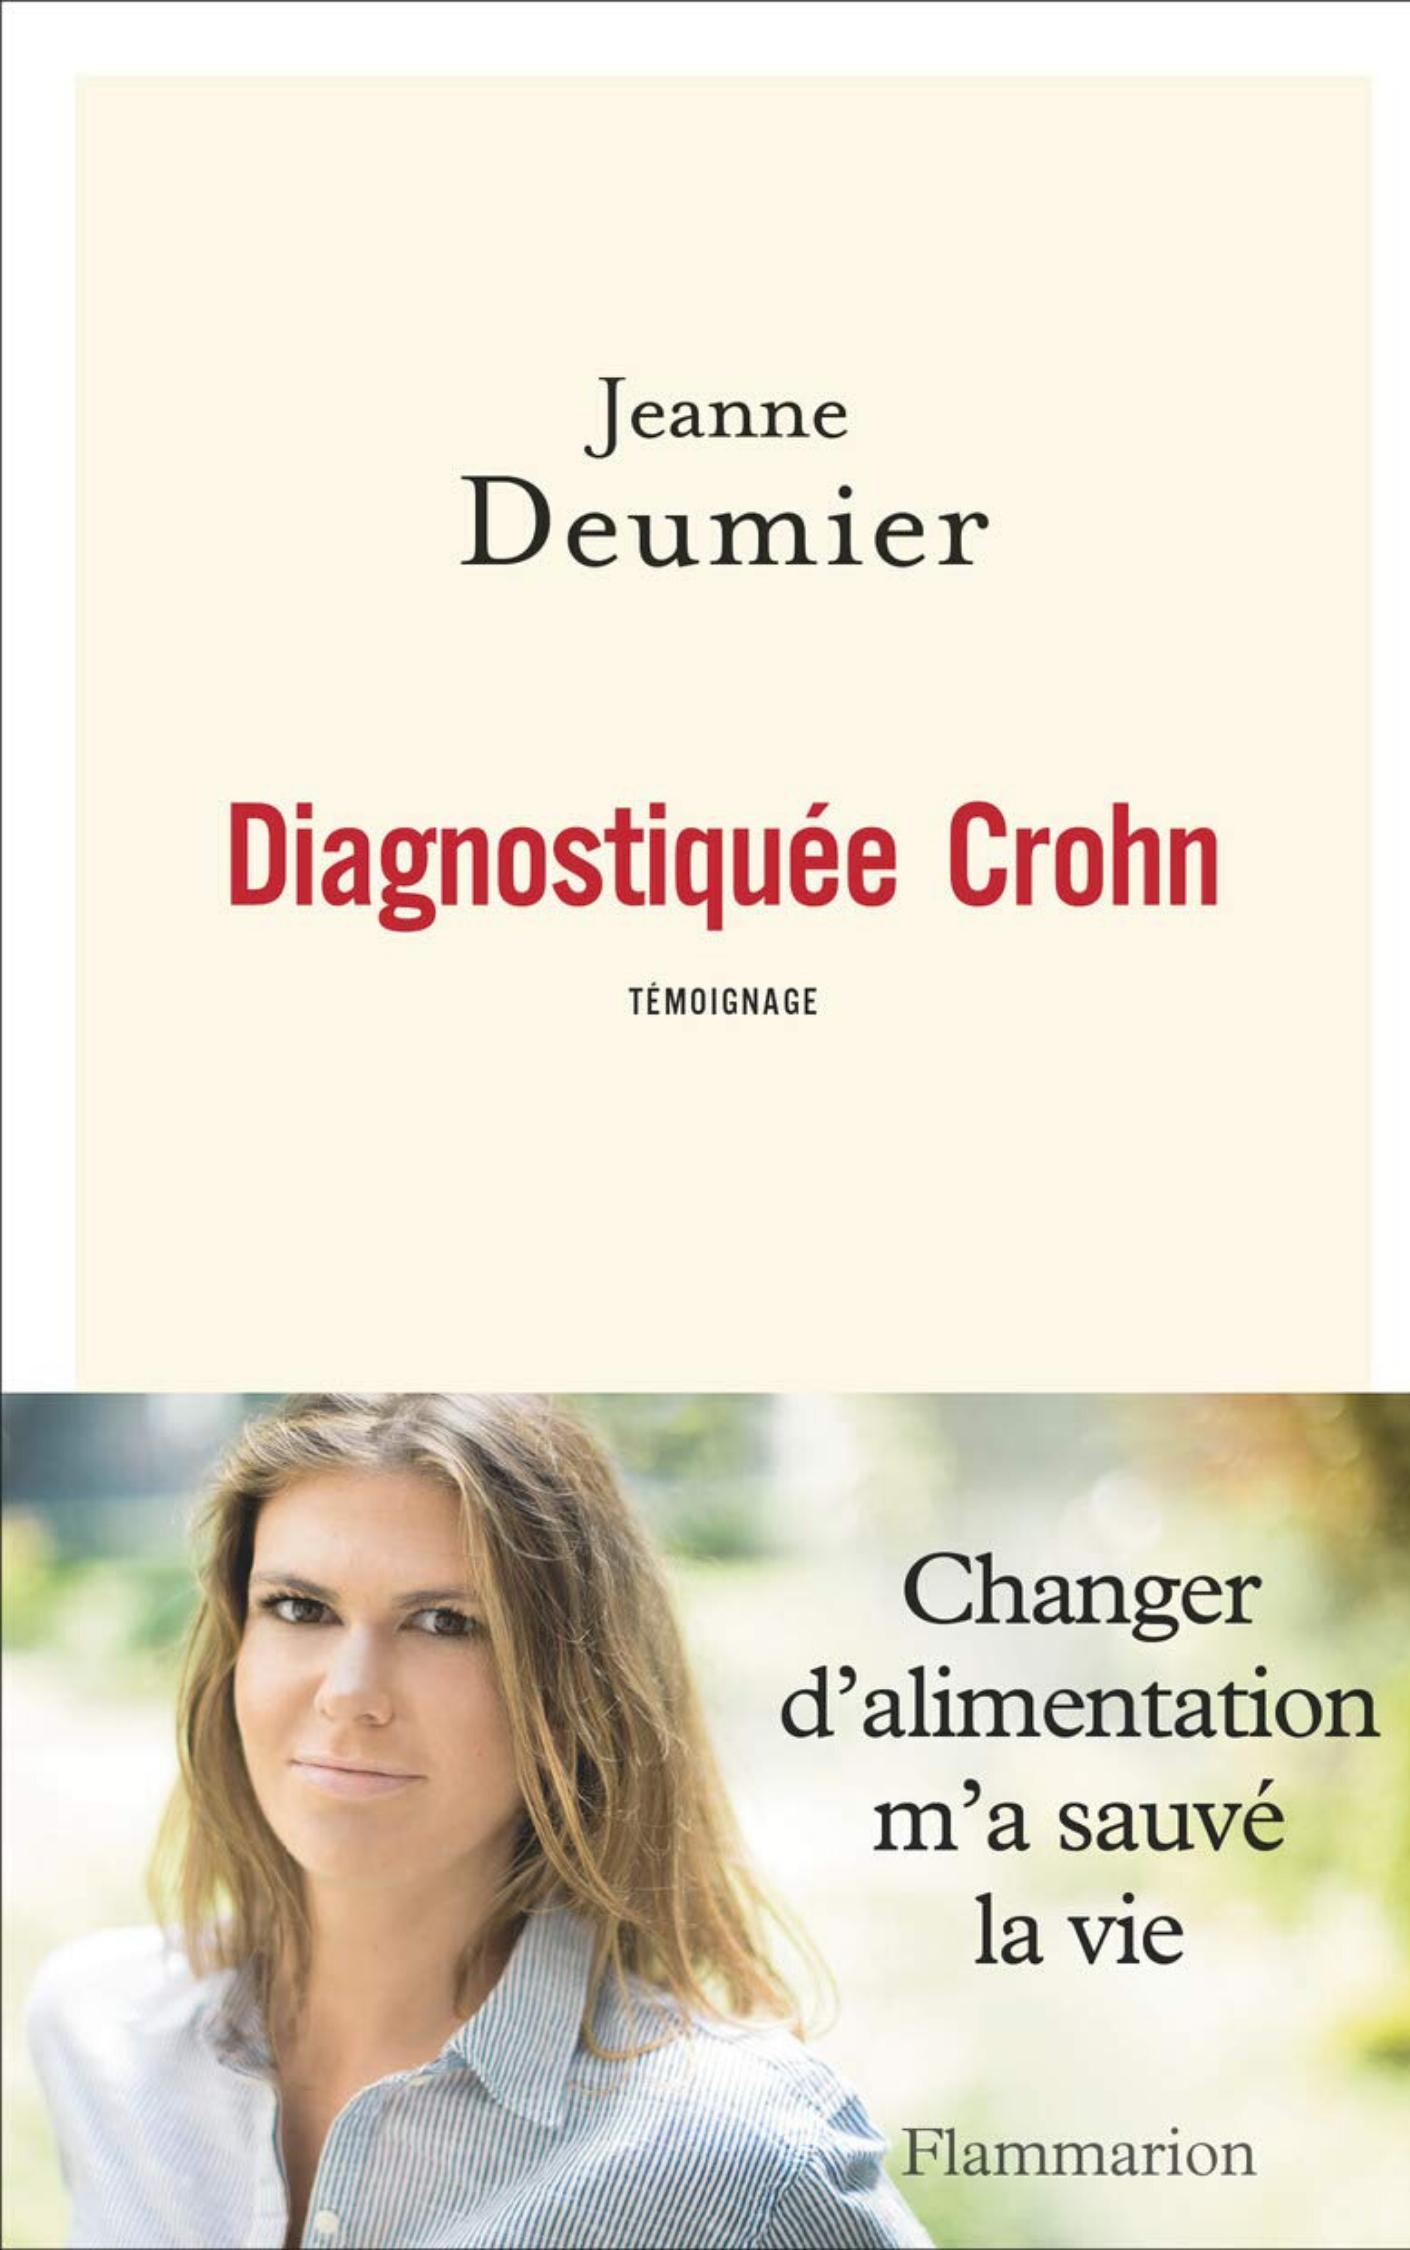 Diagnostiquée Crohn de Jeanne Deumier